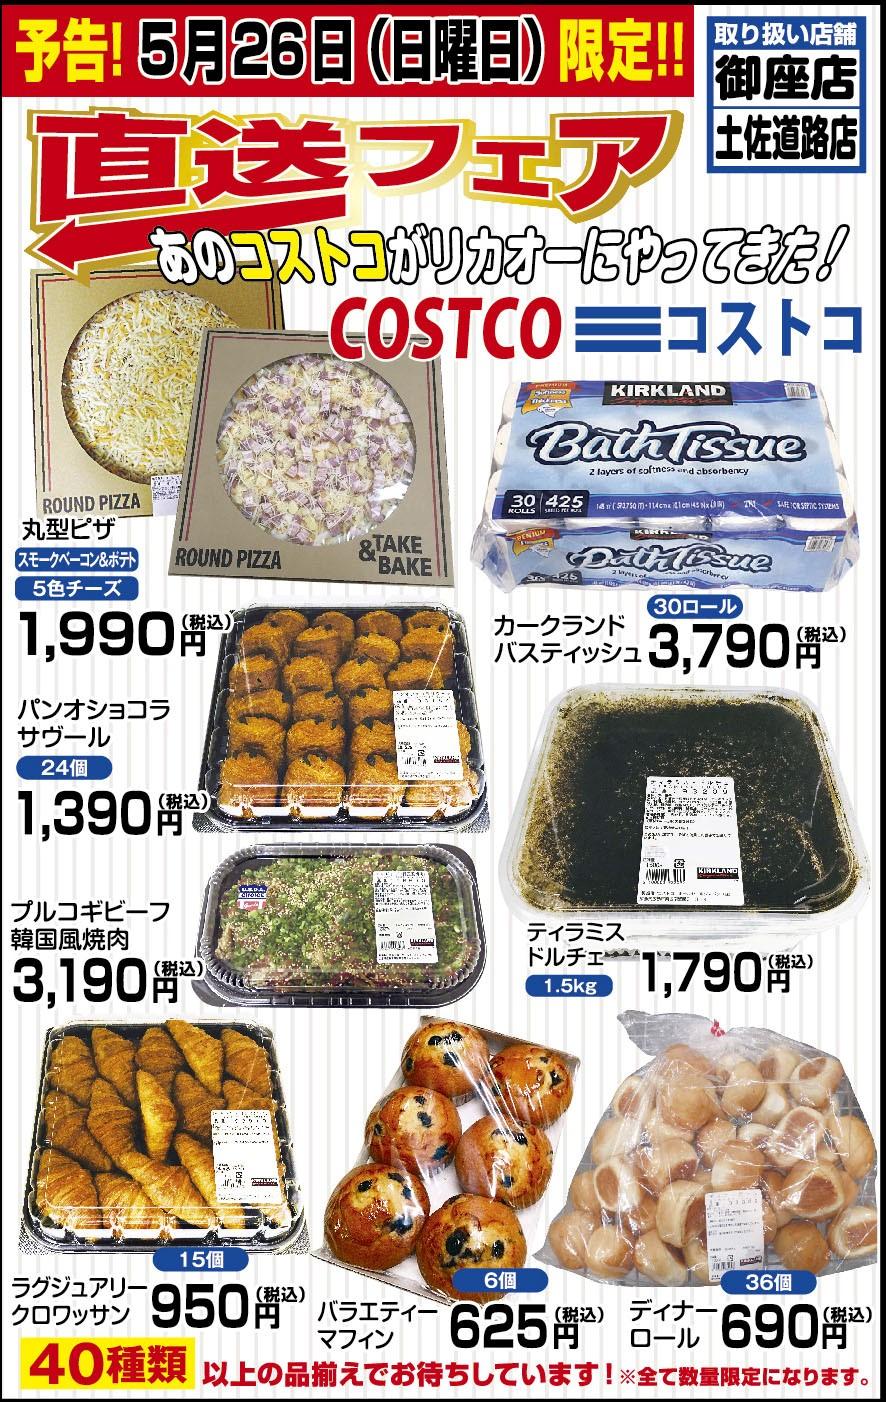 5/26(日)コストコ直送フェア開催のお知らせ